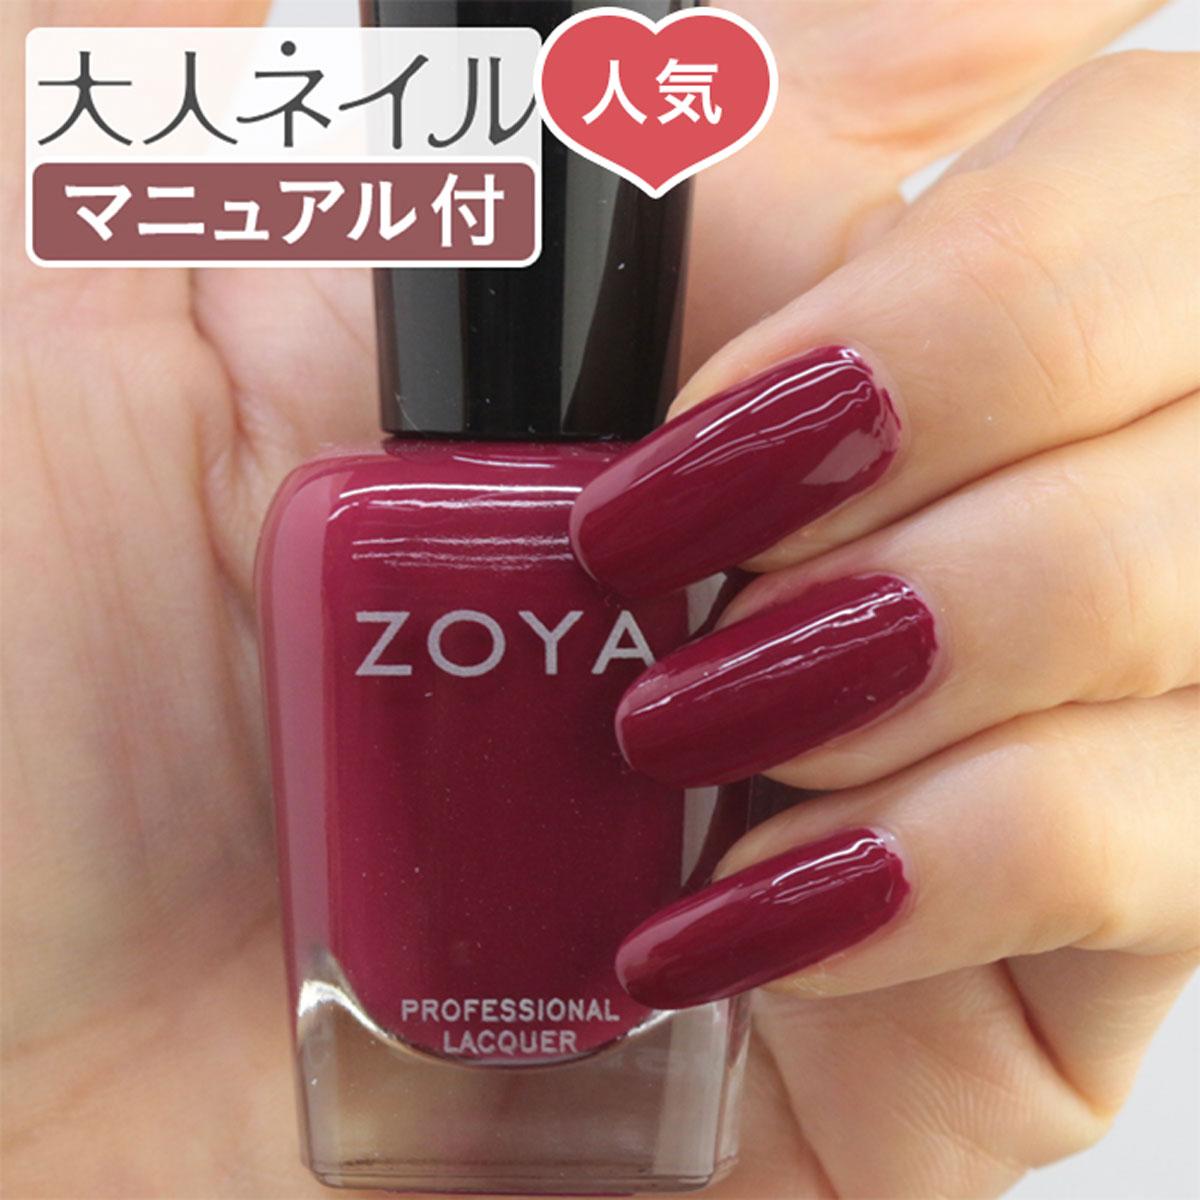 ZOYA ゾーヤ ゾヤ ネイルカラー ZP1052 15mL LISA 自爪 の為に作られた ネイル 爪にやさしい 自然派 マニキュア zoya セルフネイル にもおすすめ Creaml クリーム ガーネット レッド ダーク 秋ネイル 秋カラー